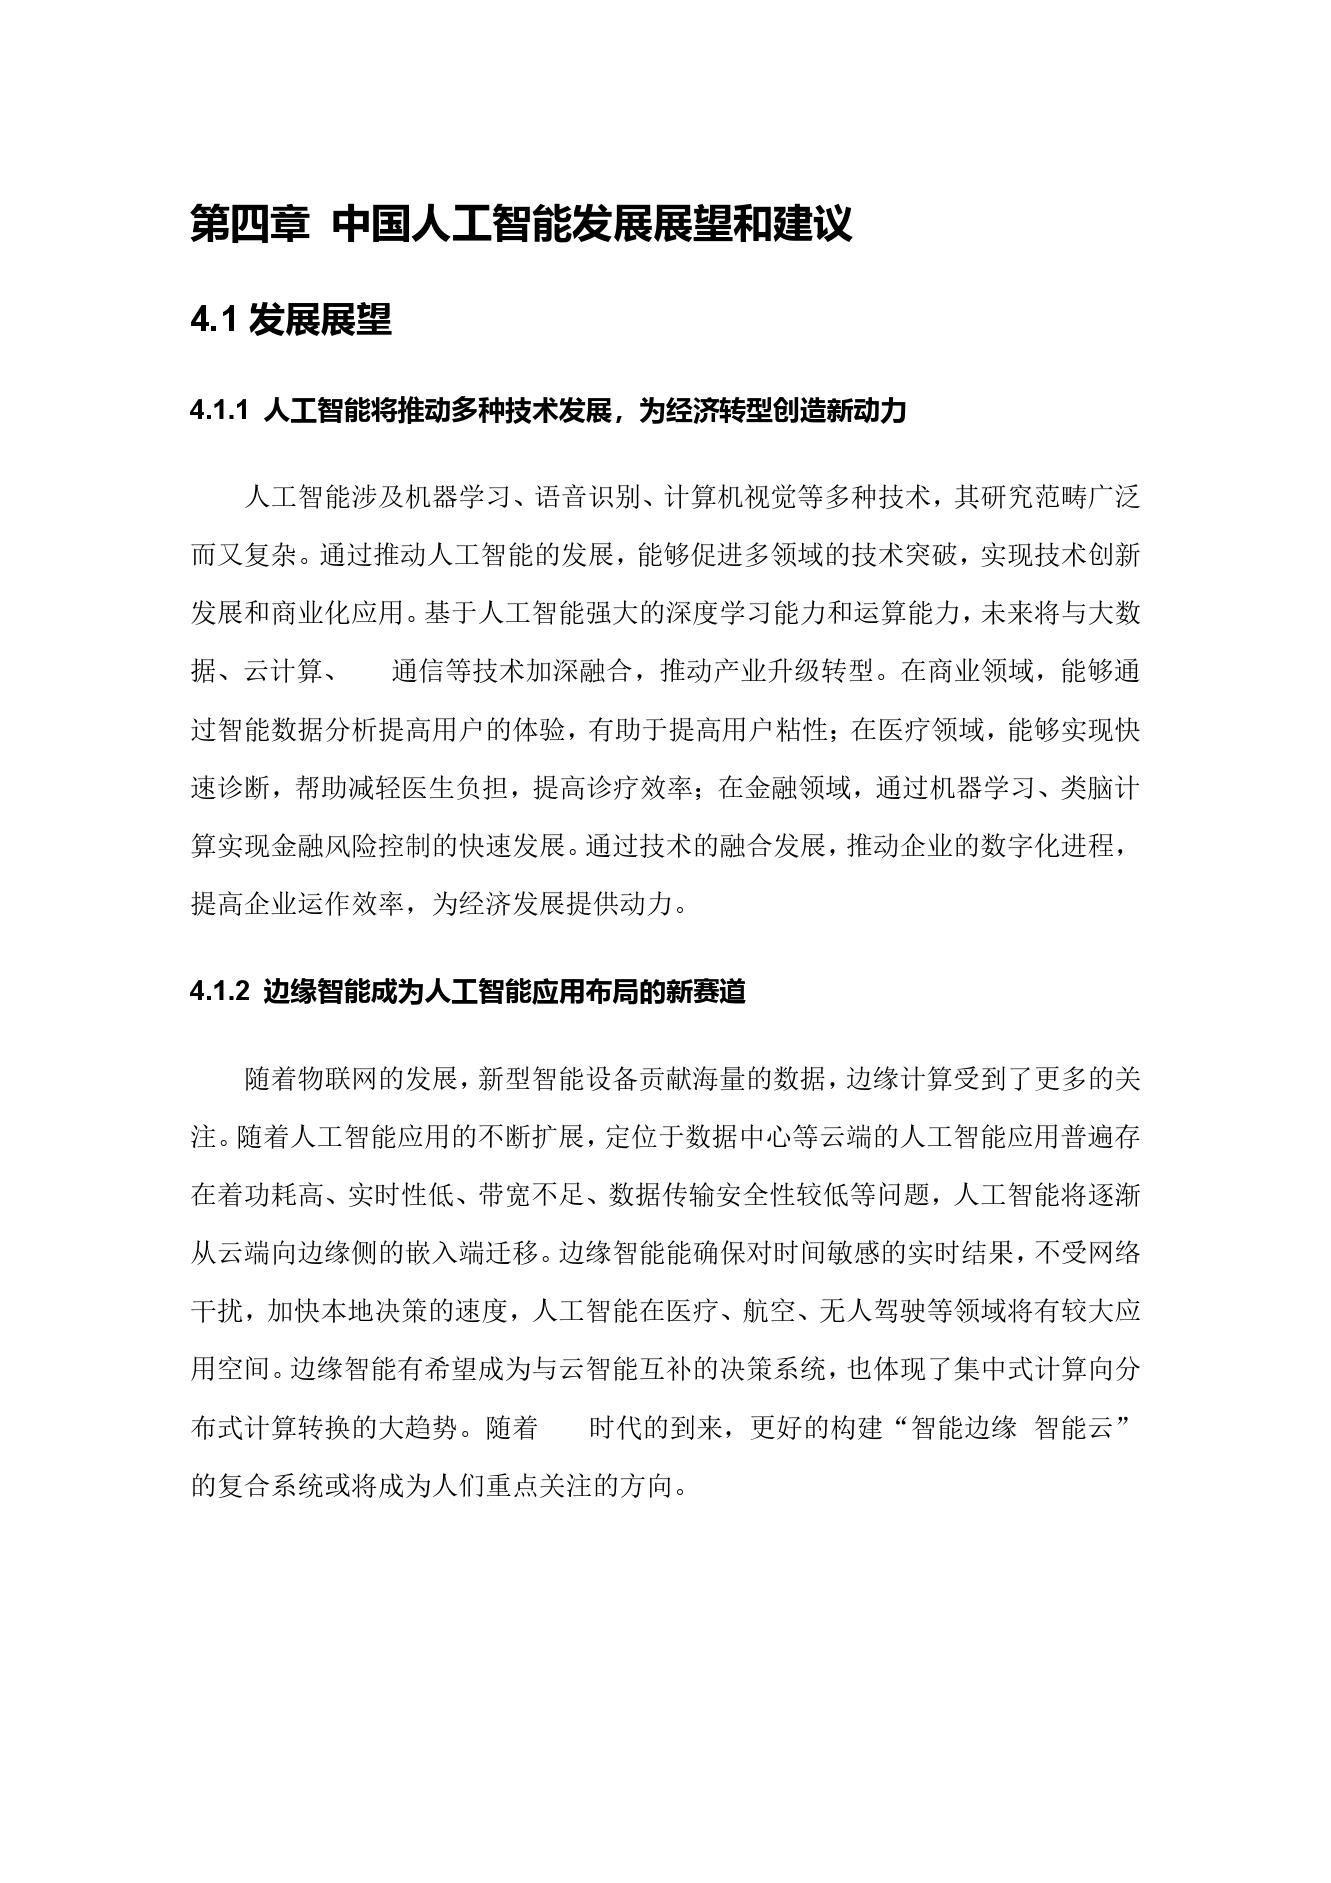 36氪研究院:2020年中国城市人工智能发展指数报告(可下载报告)插图(85)